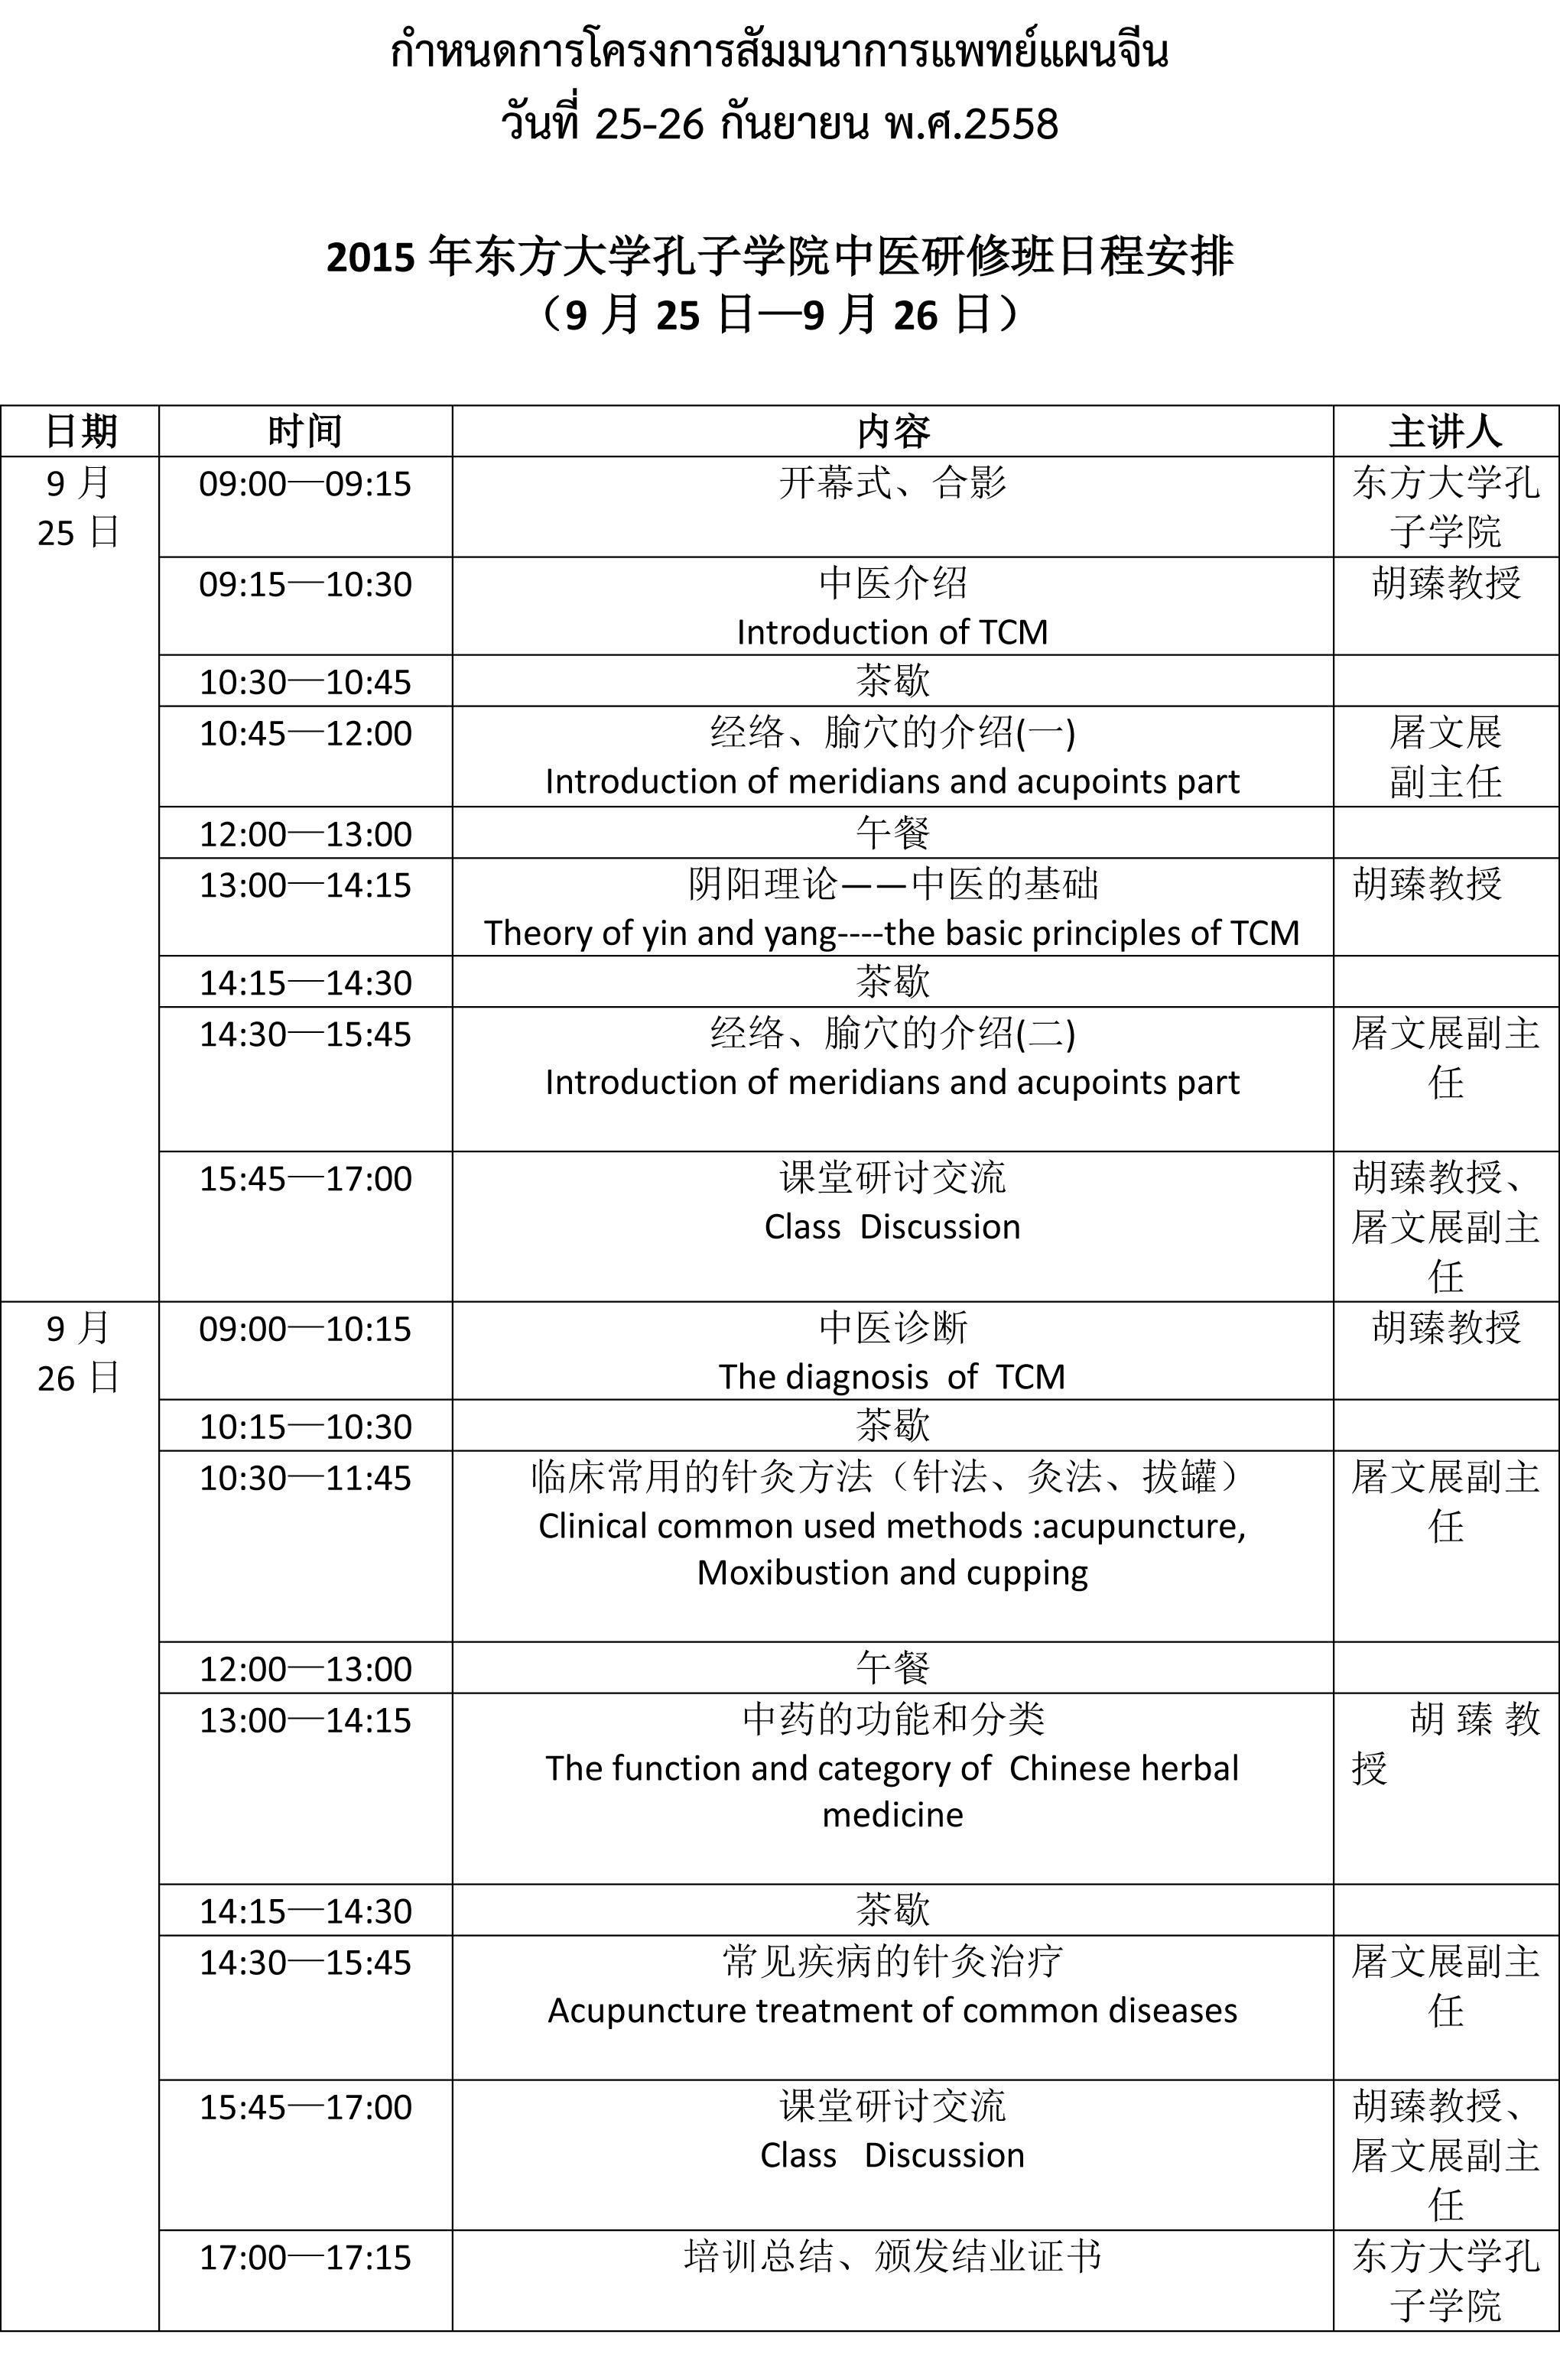 กำหนดการสัมมนาการแพทย์แผนจีน 2015年东方大学孔子学院中医研修班日程安排